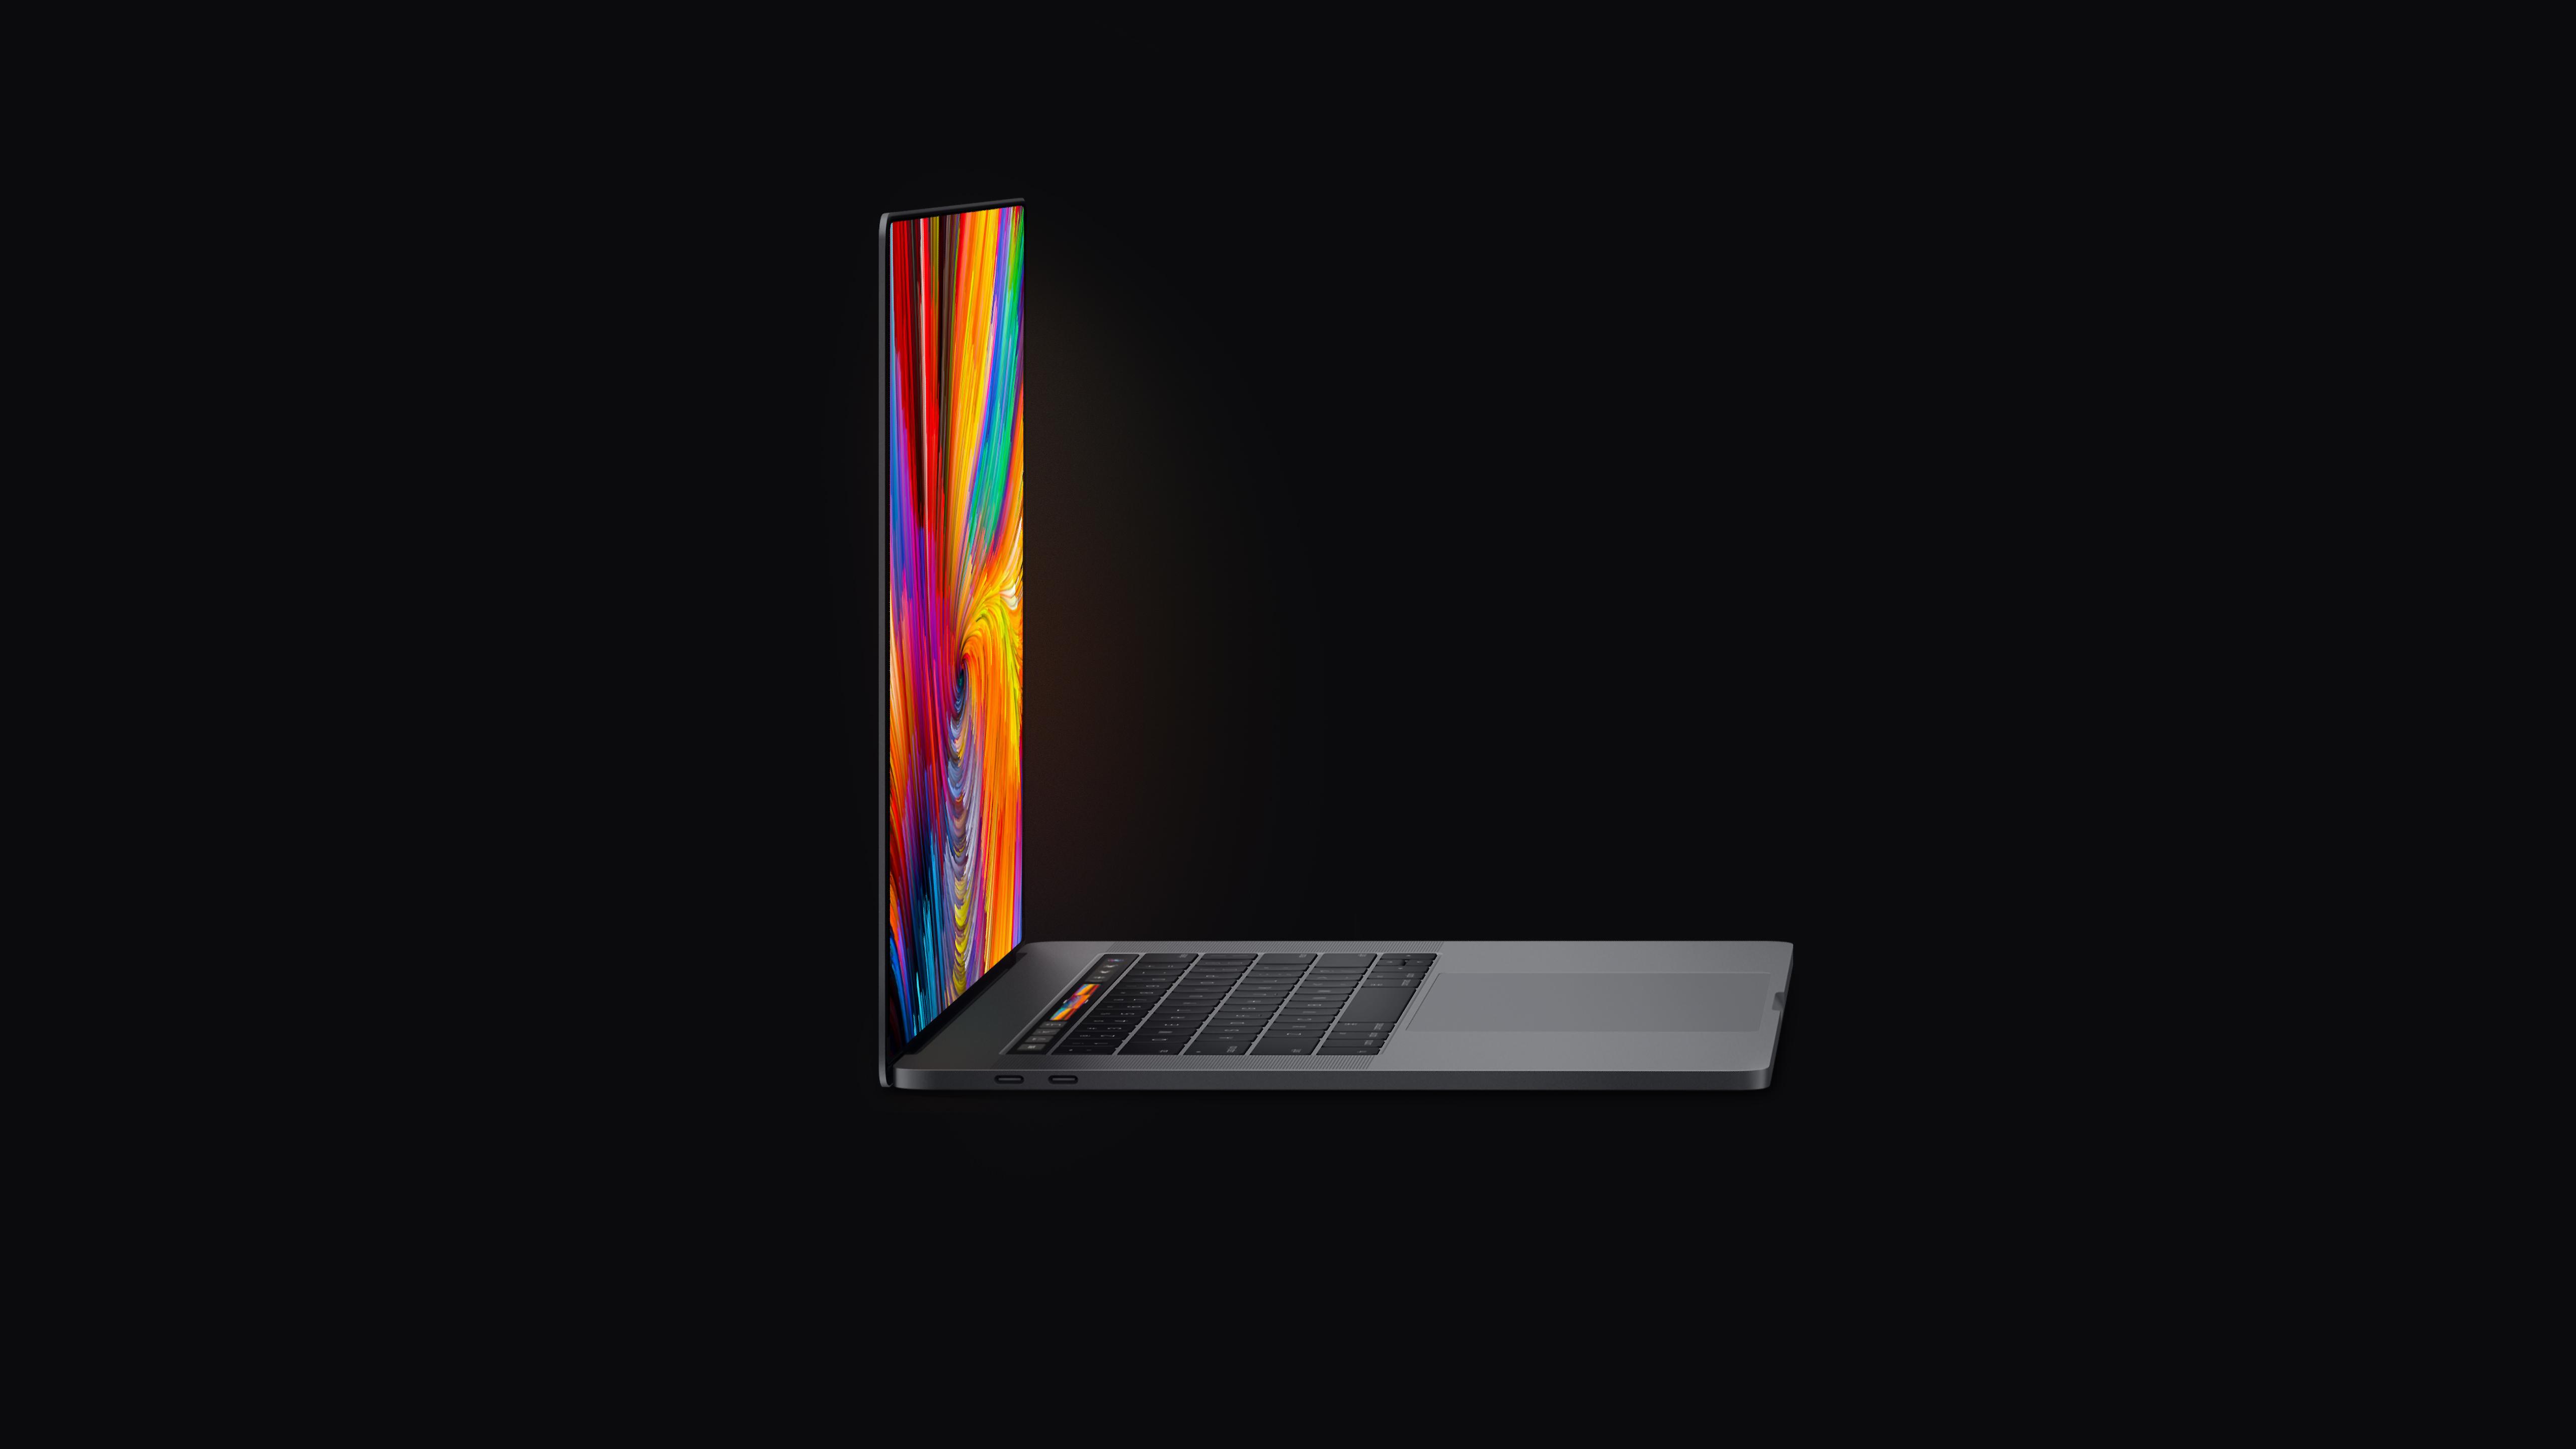 MacBook Edge-To-Edge Concept